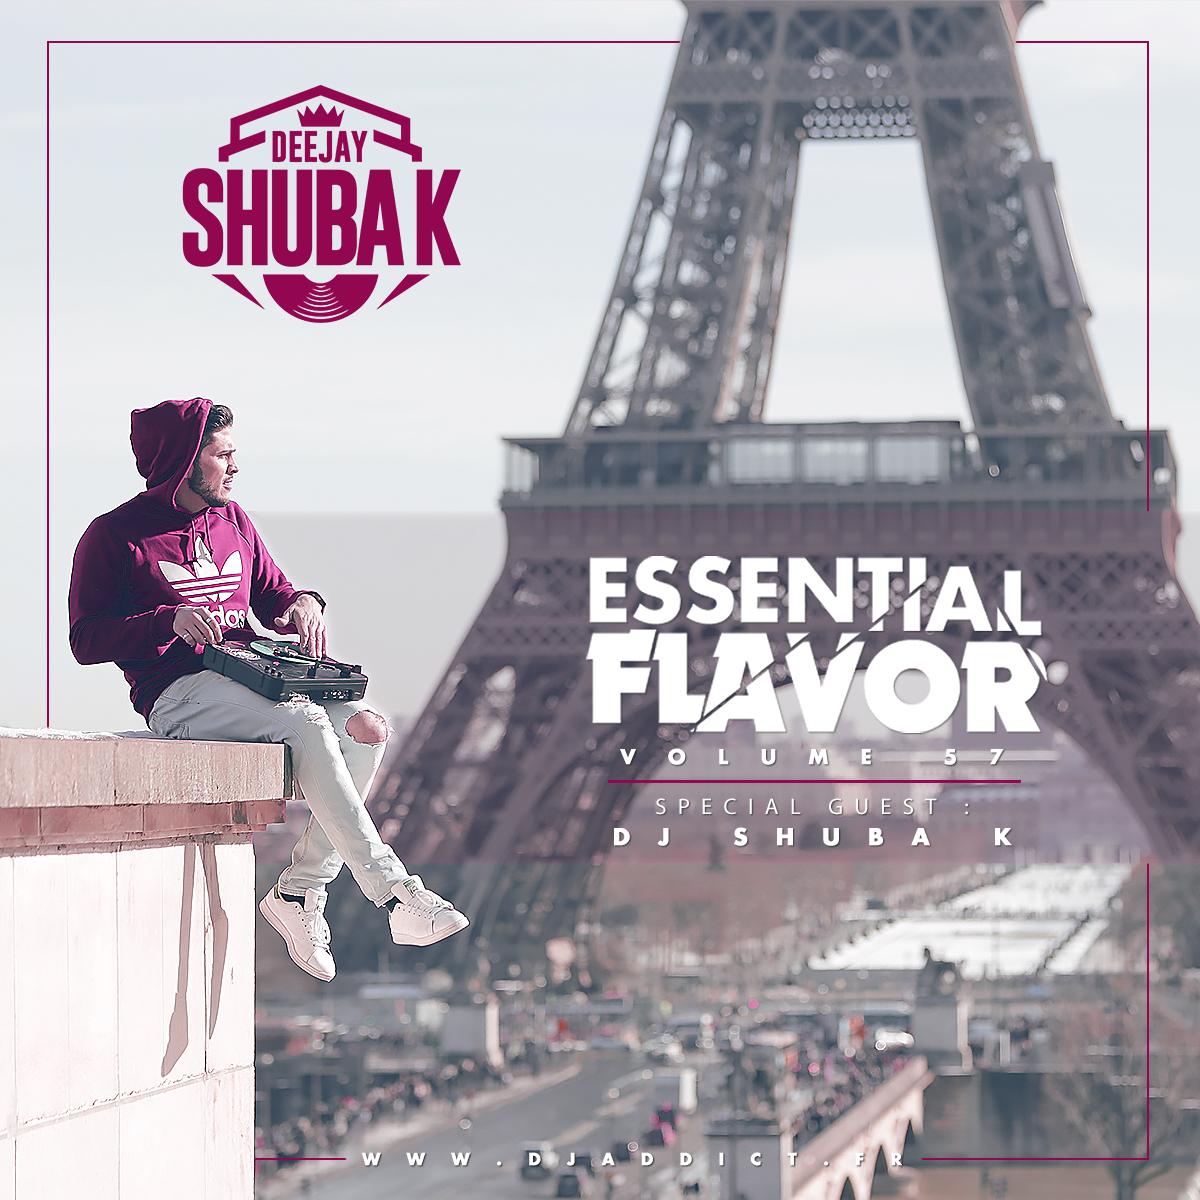 Dj Addict - Essential Flavor Podcast   Podbay